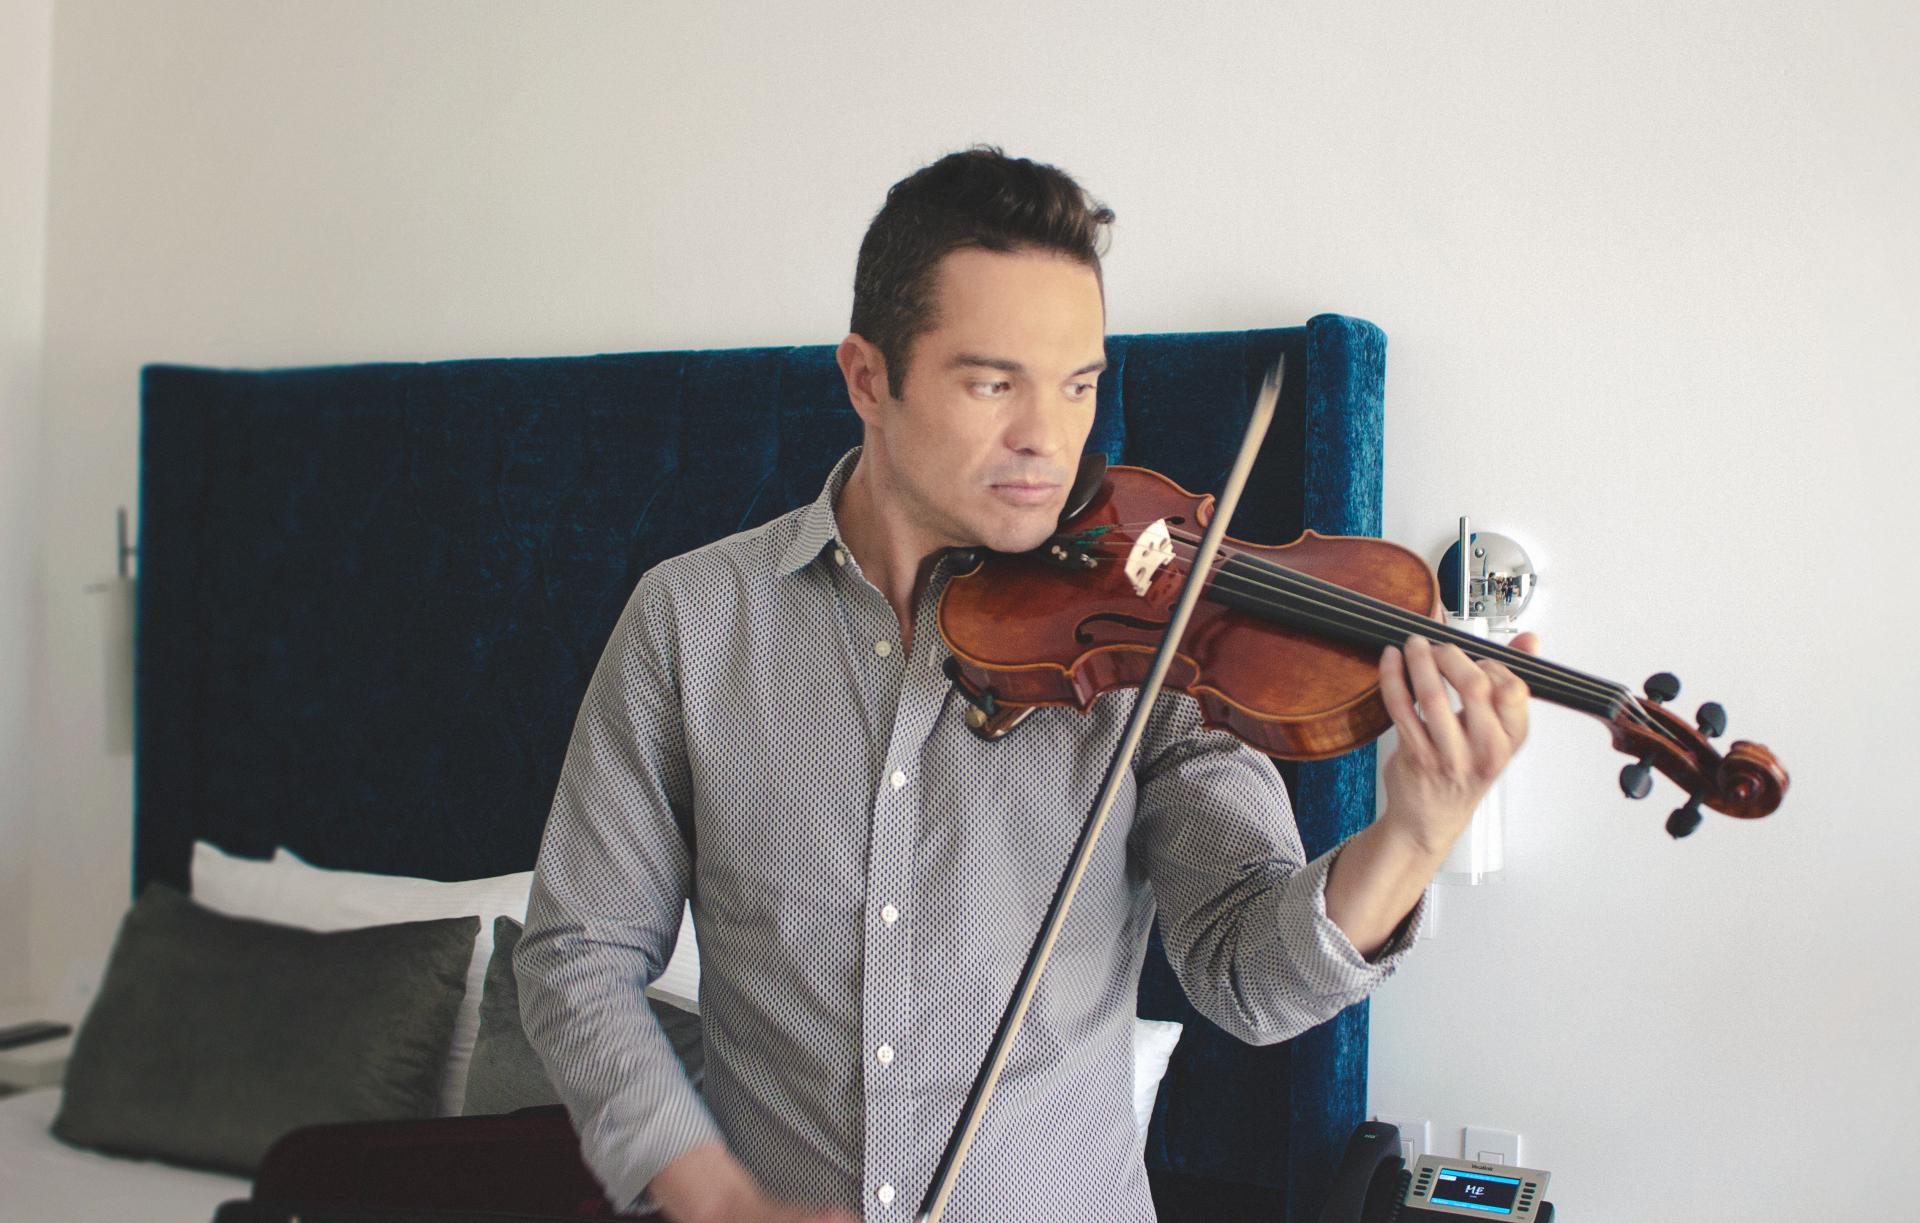 Kuno Becker toca el violín en exclusiva para Baja Press luego de una entrevista durante el Festival de Cine de Los Cabos